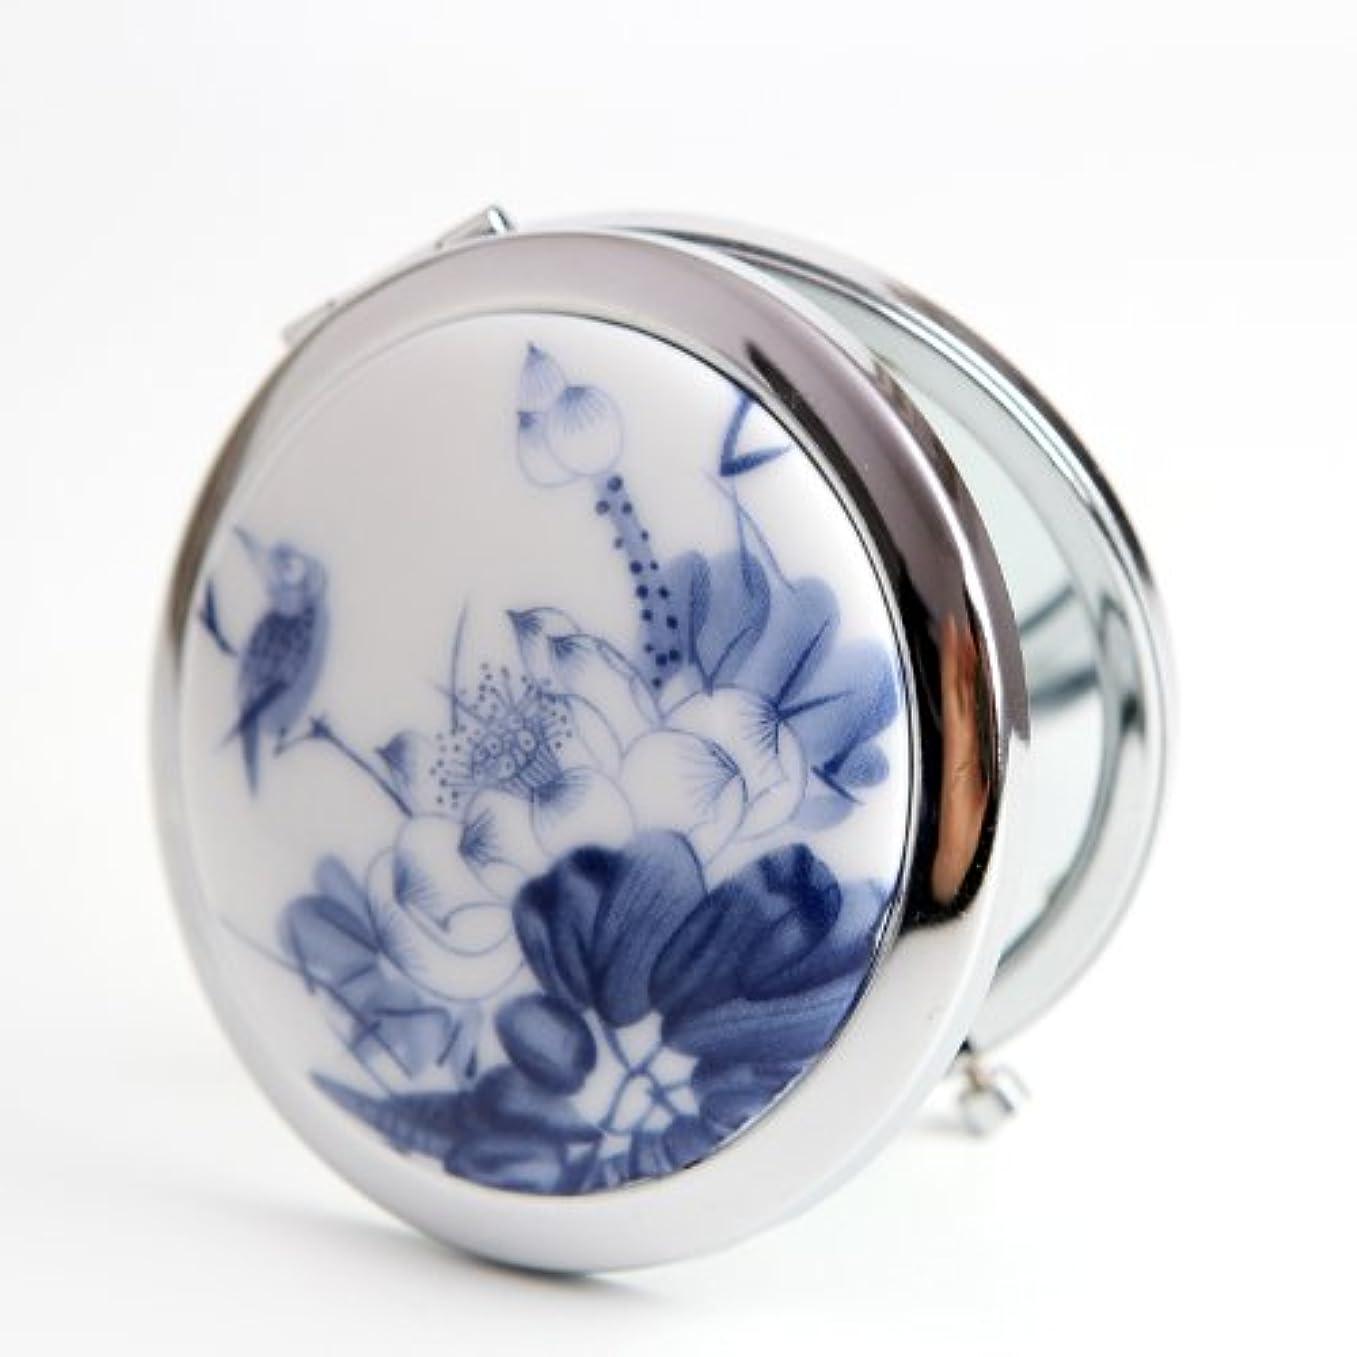 滅びる観点沼地手作り 手鏡 レディース コンパクトミラー 化粧鏡 携帯ミラー 細かなメイクや日々のスキンケアに最適!